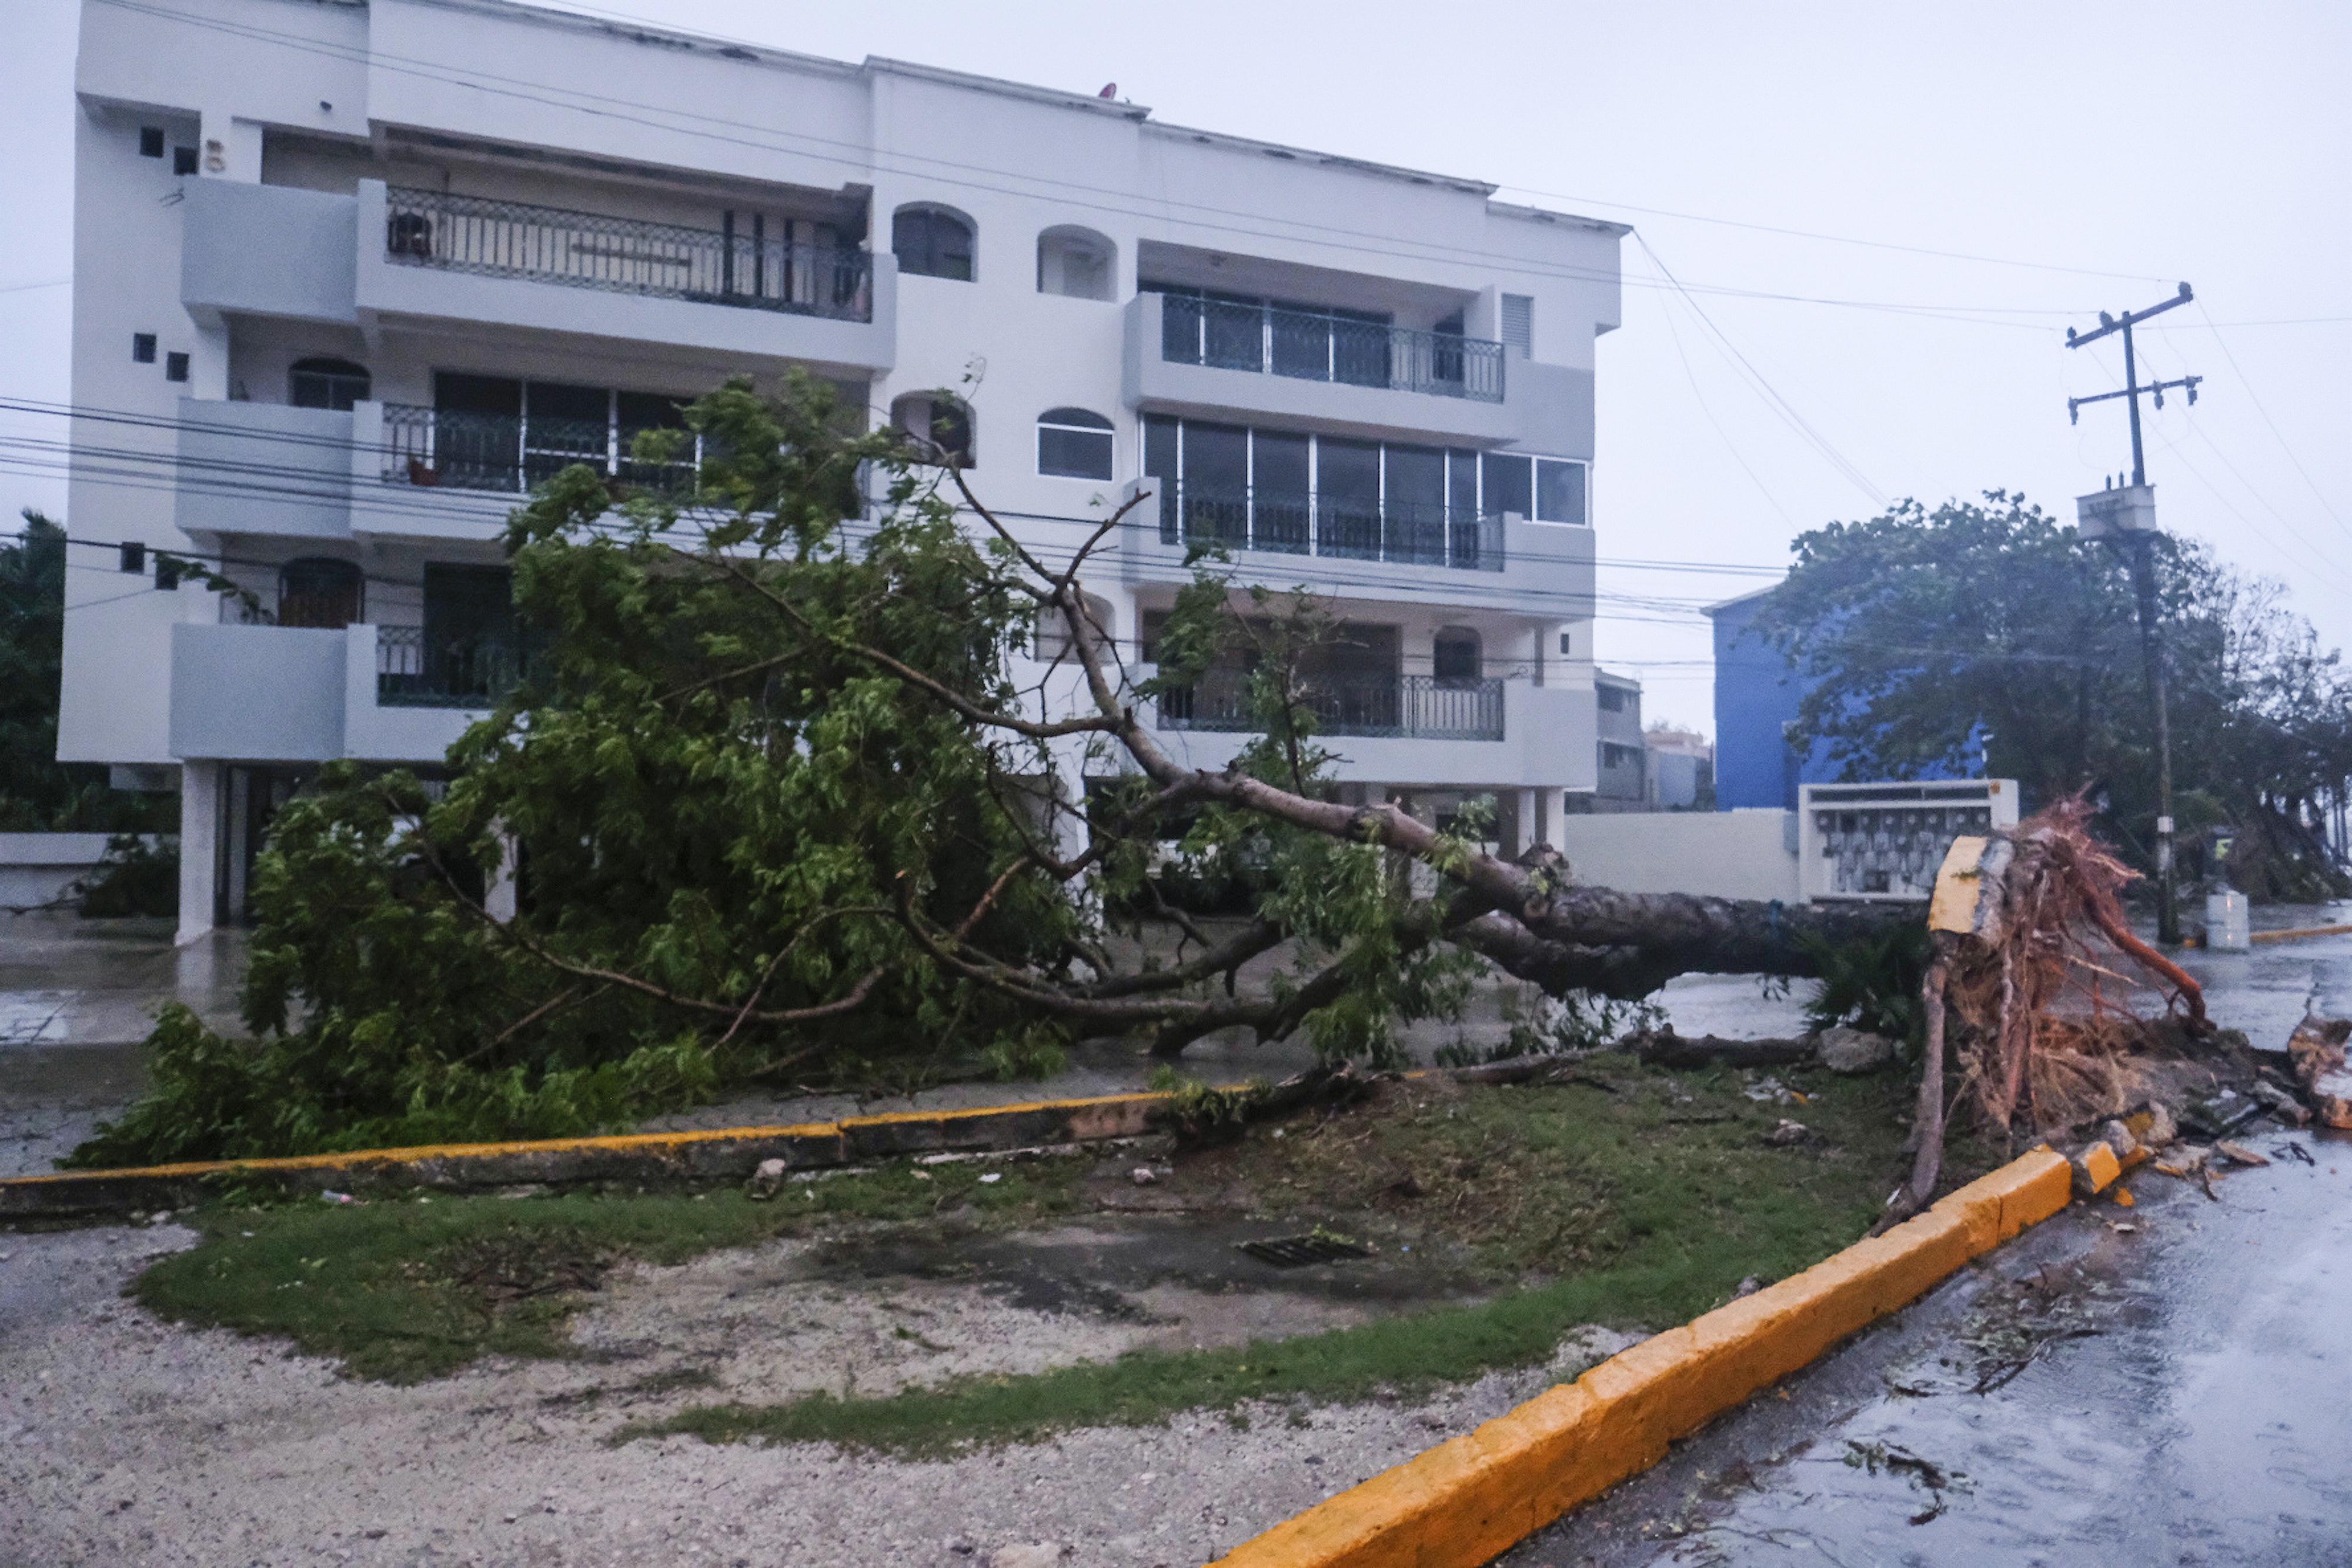 Un árbol yace de costado, derribado por el huracán Delta en Cancún, México, el miércoles 7 de octubre de 2020.